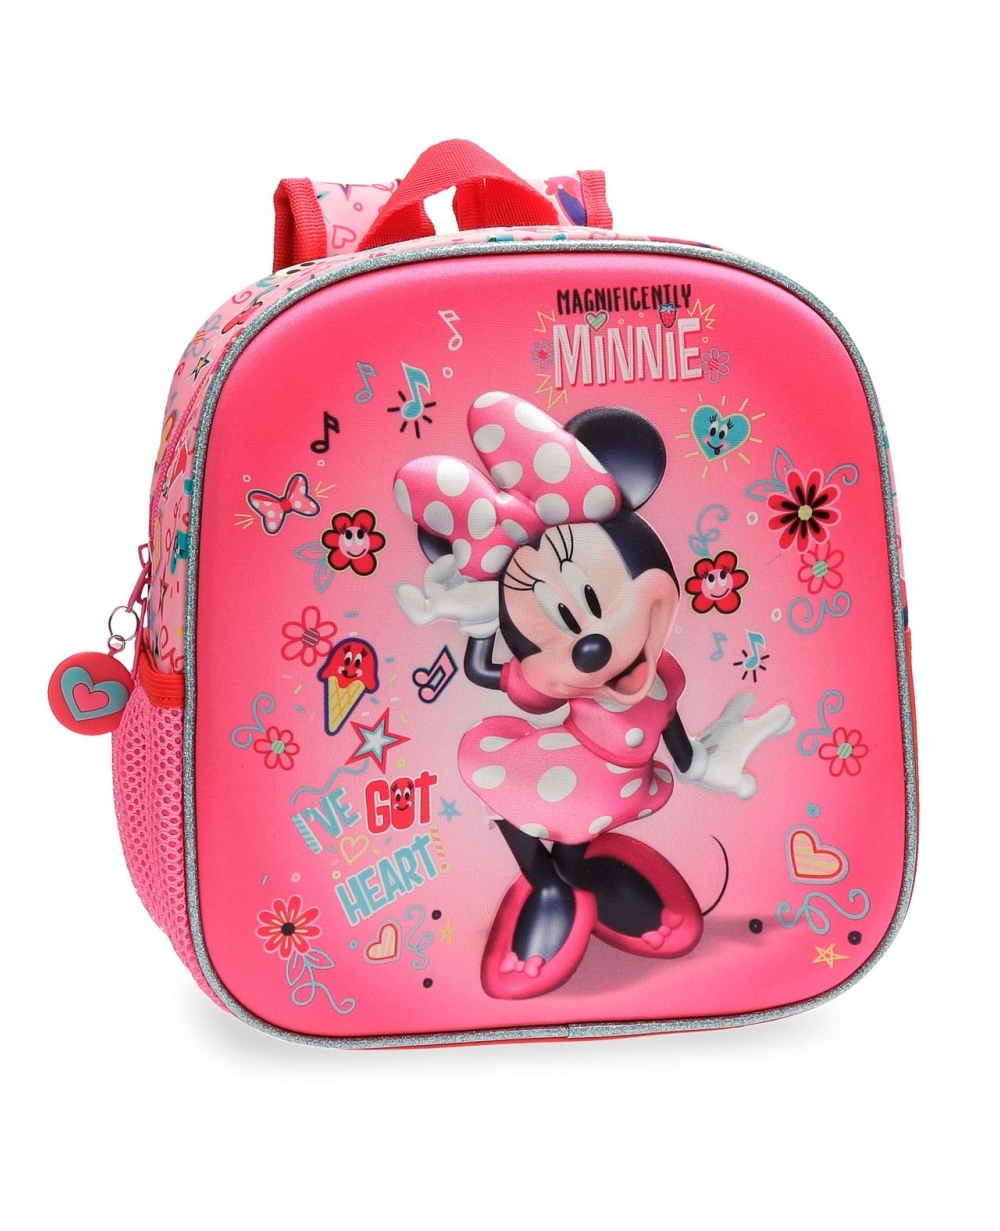 Minnie Stickers Mochila preescolar Rosa (Foto )